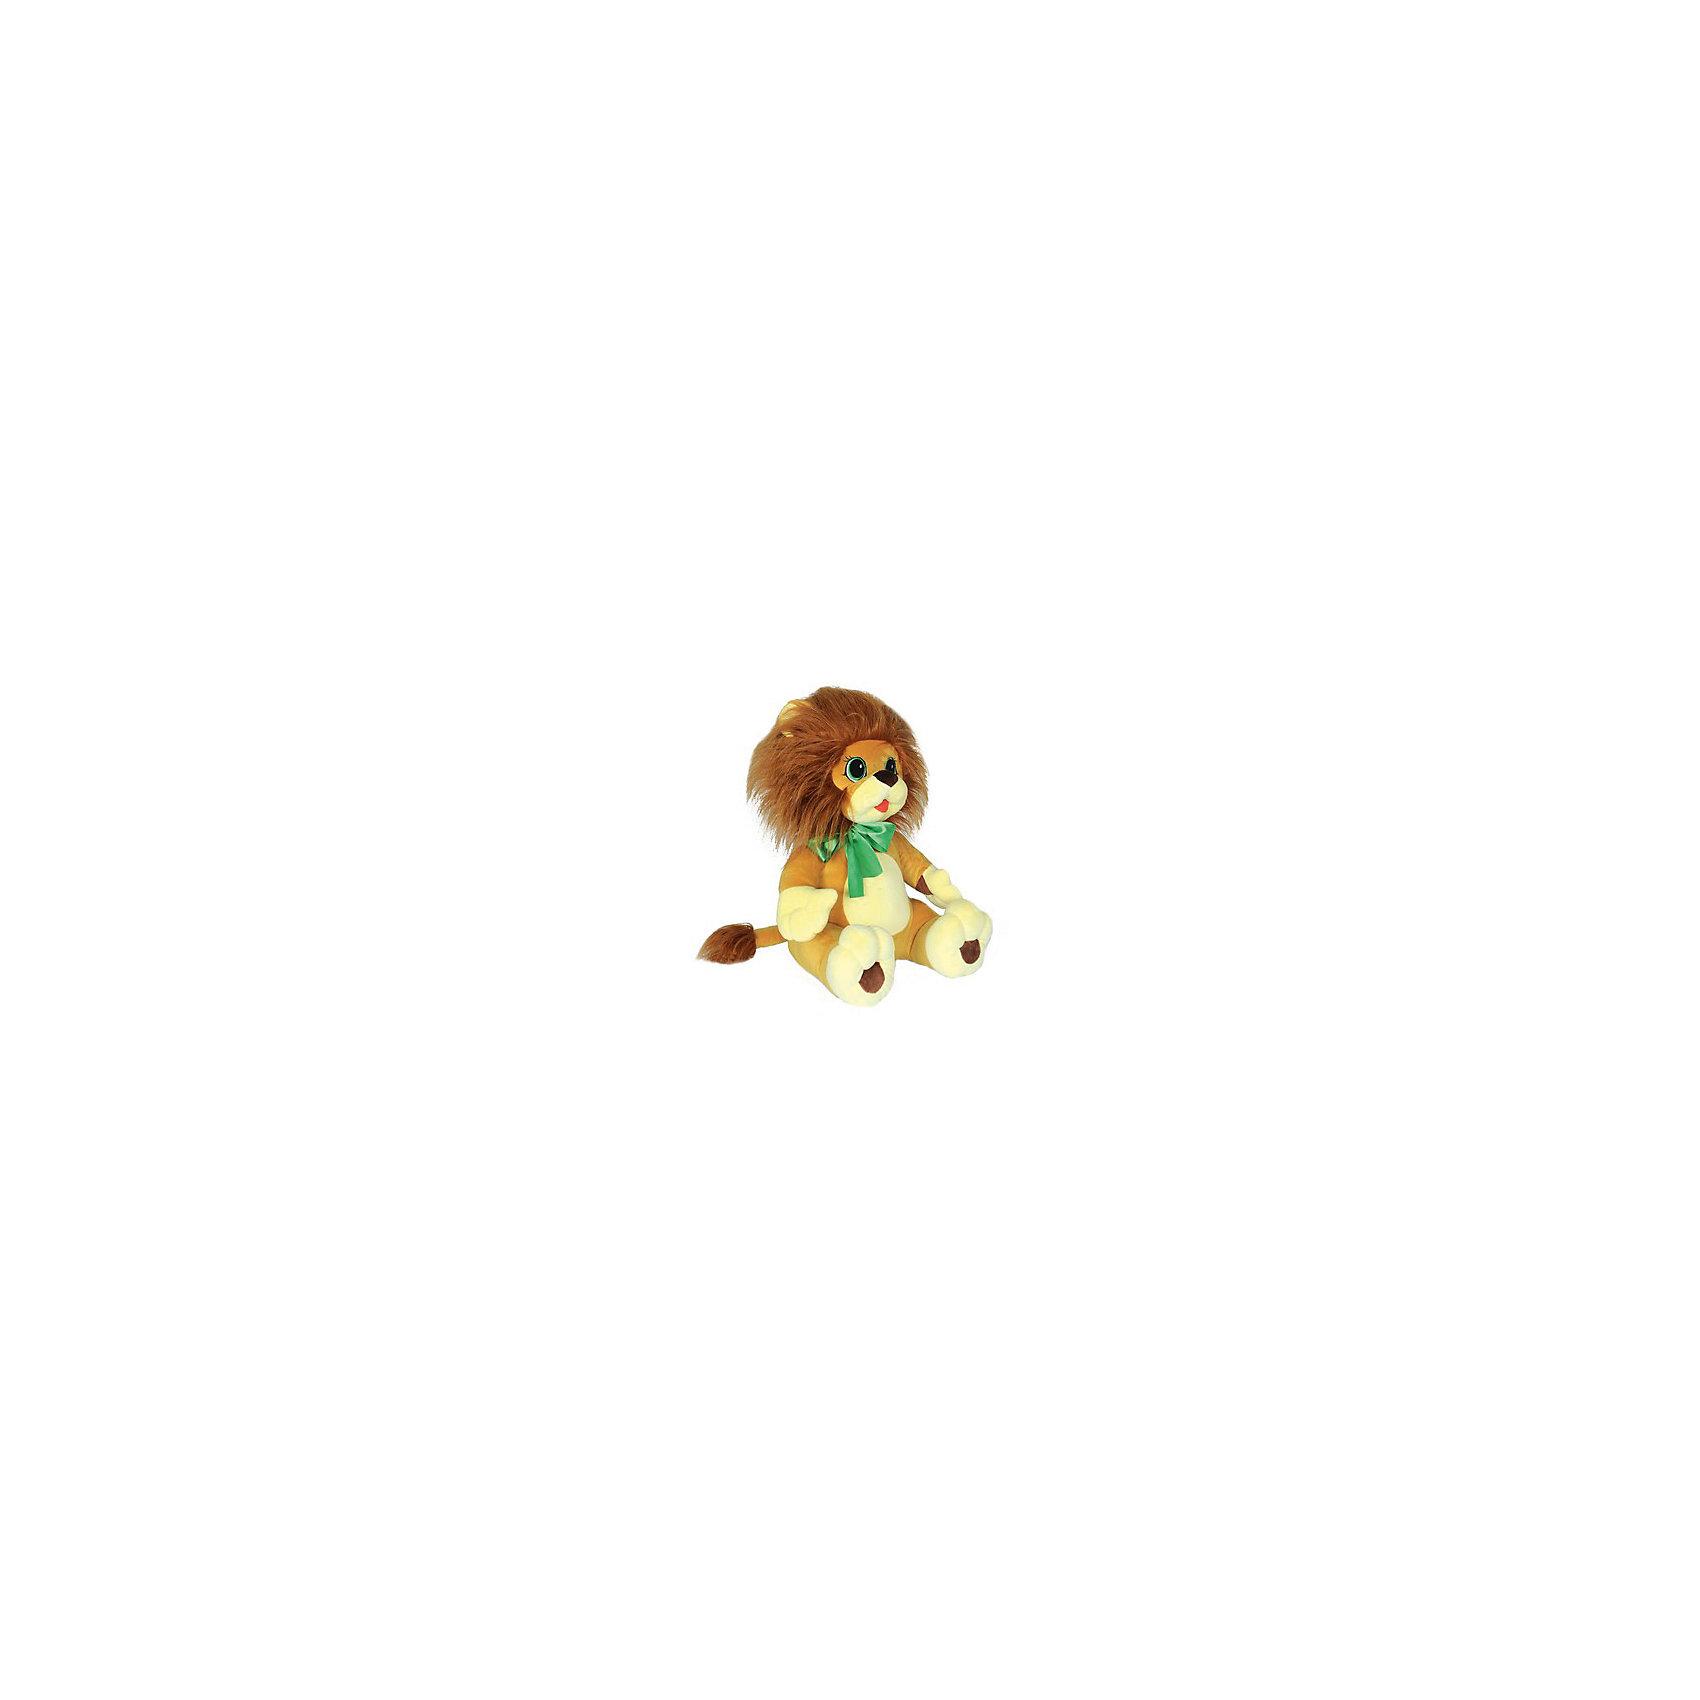 Мягкая игрушка Львенок, СмолТойсЗвери и птицы<br>Львенок, СмолТойс - чудесная мягкая игрушка, которая не оставит равнодушным Вашего ребенка. Это настоящий маленький друг, которому будут рады дети любого возраста. У львенка мягкая бежевая шерстка, густая грива и милая мордочка с большими голубыми глазами. Игрушку украшает нарядный зеленый бант. Ребенок с удовольствием будет обнимать и тискать очаровательного львенка и даже сможет брать его с собой в кровать, игрушка выполнена из гипоаллергенных материалов и совершенно безопасна для детей. Способствует развитию воображения и тактильной чувствительности у детей.<br><br>Дополнительная информация:<br><br>- Материал: текстильный мех, искусственный мех.<br>- Размер игрушки: 45 см.<br>- Размер упаковки: 30 х 40 х 45 см.<br>- Вес: 0,5 кг. <br><br>Мягкую игрушку Львенок, СмолТойс, можно купить в нашем интернет-магазине.<br><br>Ширина мм: 300<br>Глубина мм: 400<br>Высота мм: 450<br>Вес г: 500<br>Возраст от месяцев: 36<br>Возраст до месяцев: 54000<br>Пол: Унисекс<br>Возраст: Детский<br>SKU: 4540579